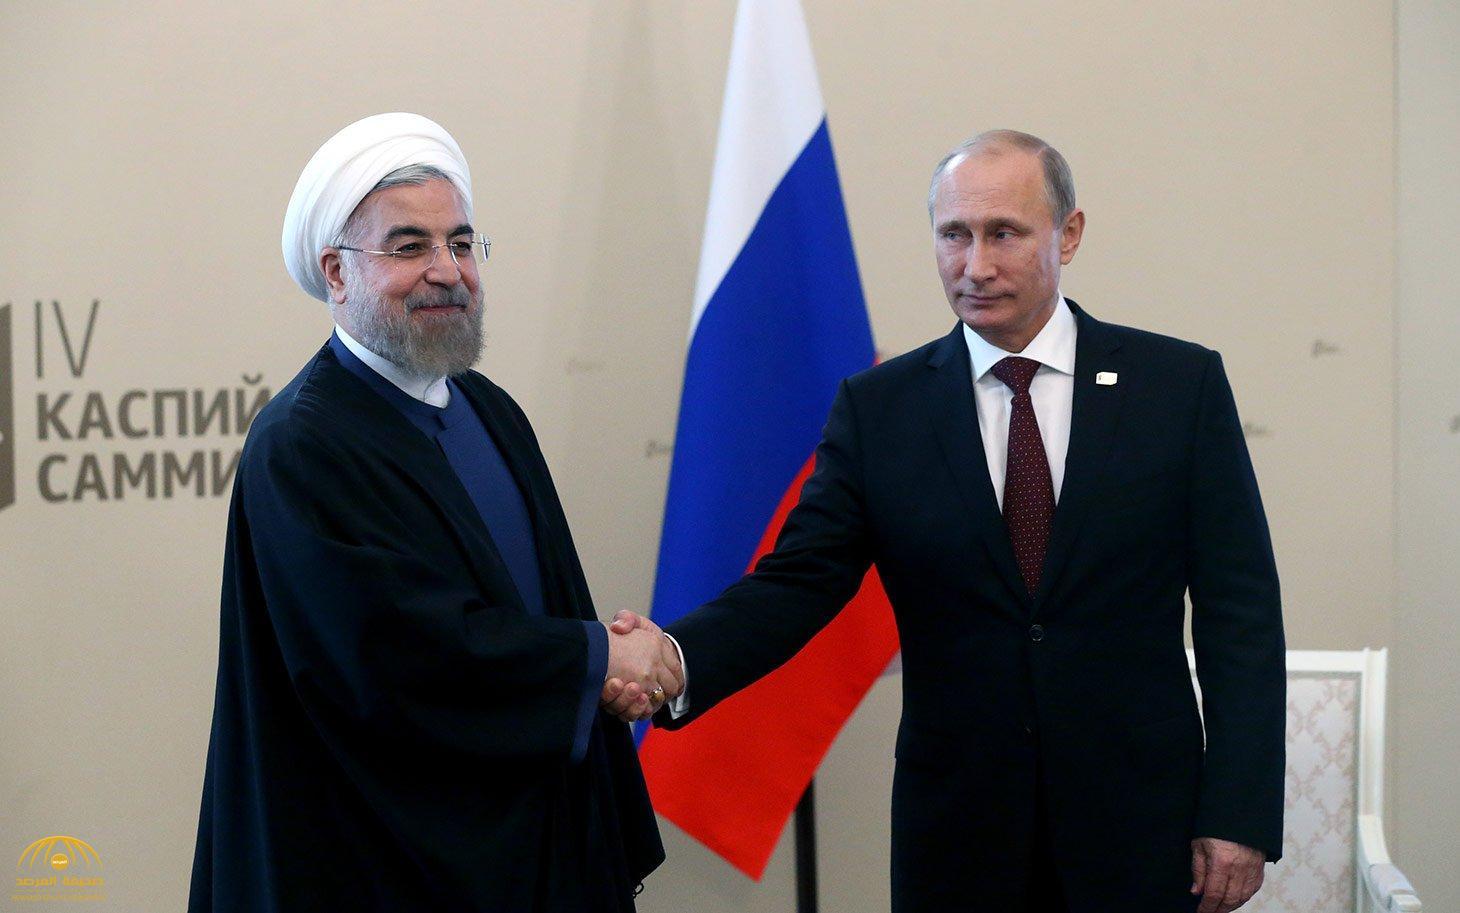 بيان روسي- إيراني مشترك : سنرد من الآن فصاعداً على أي هجوم أميركي ضد سوريا